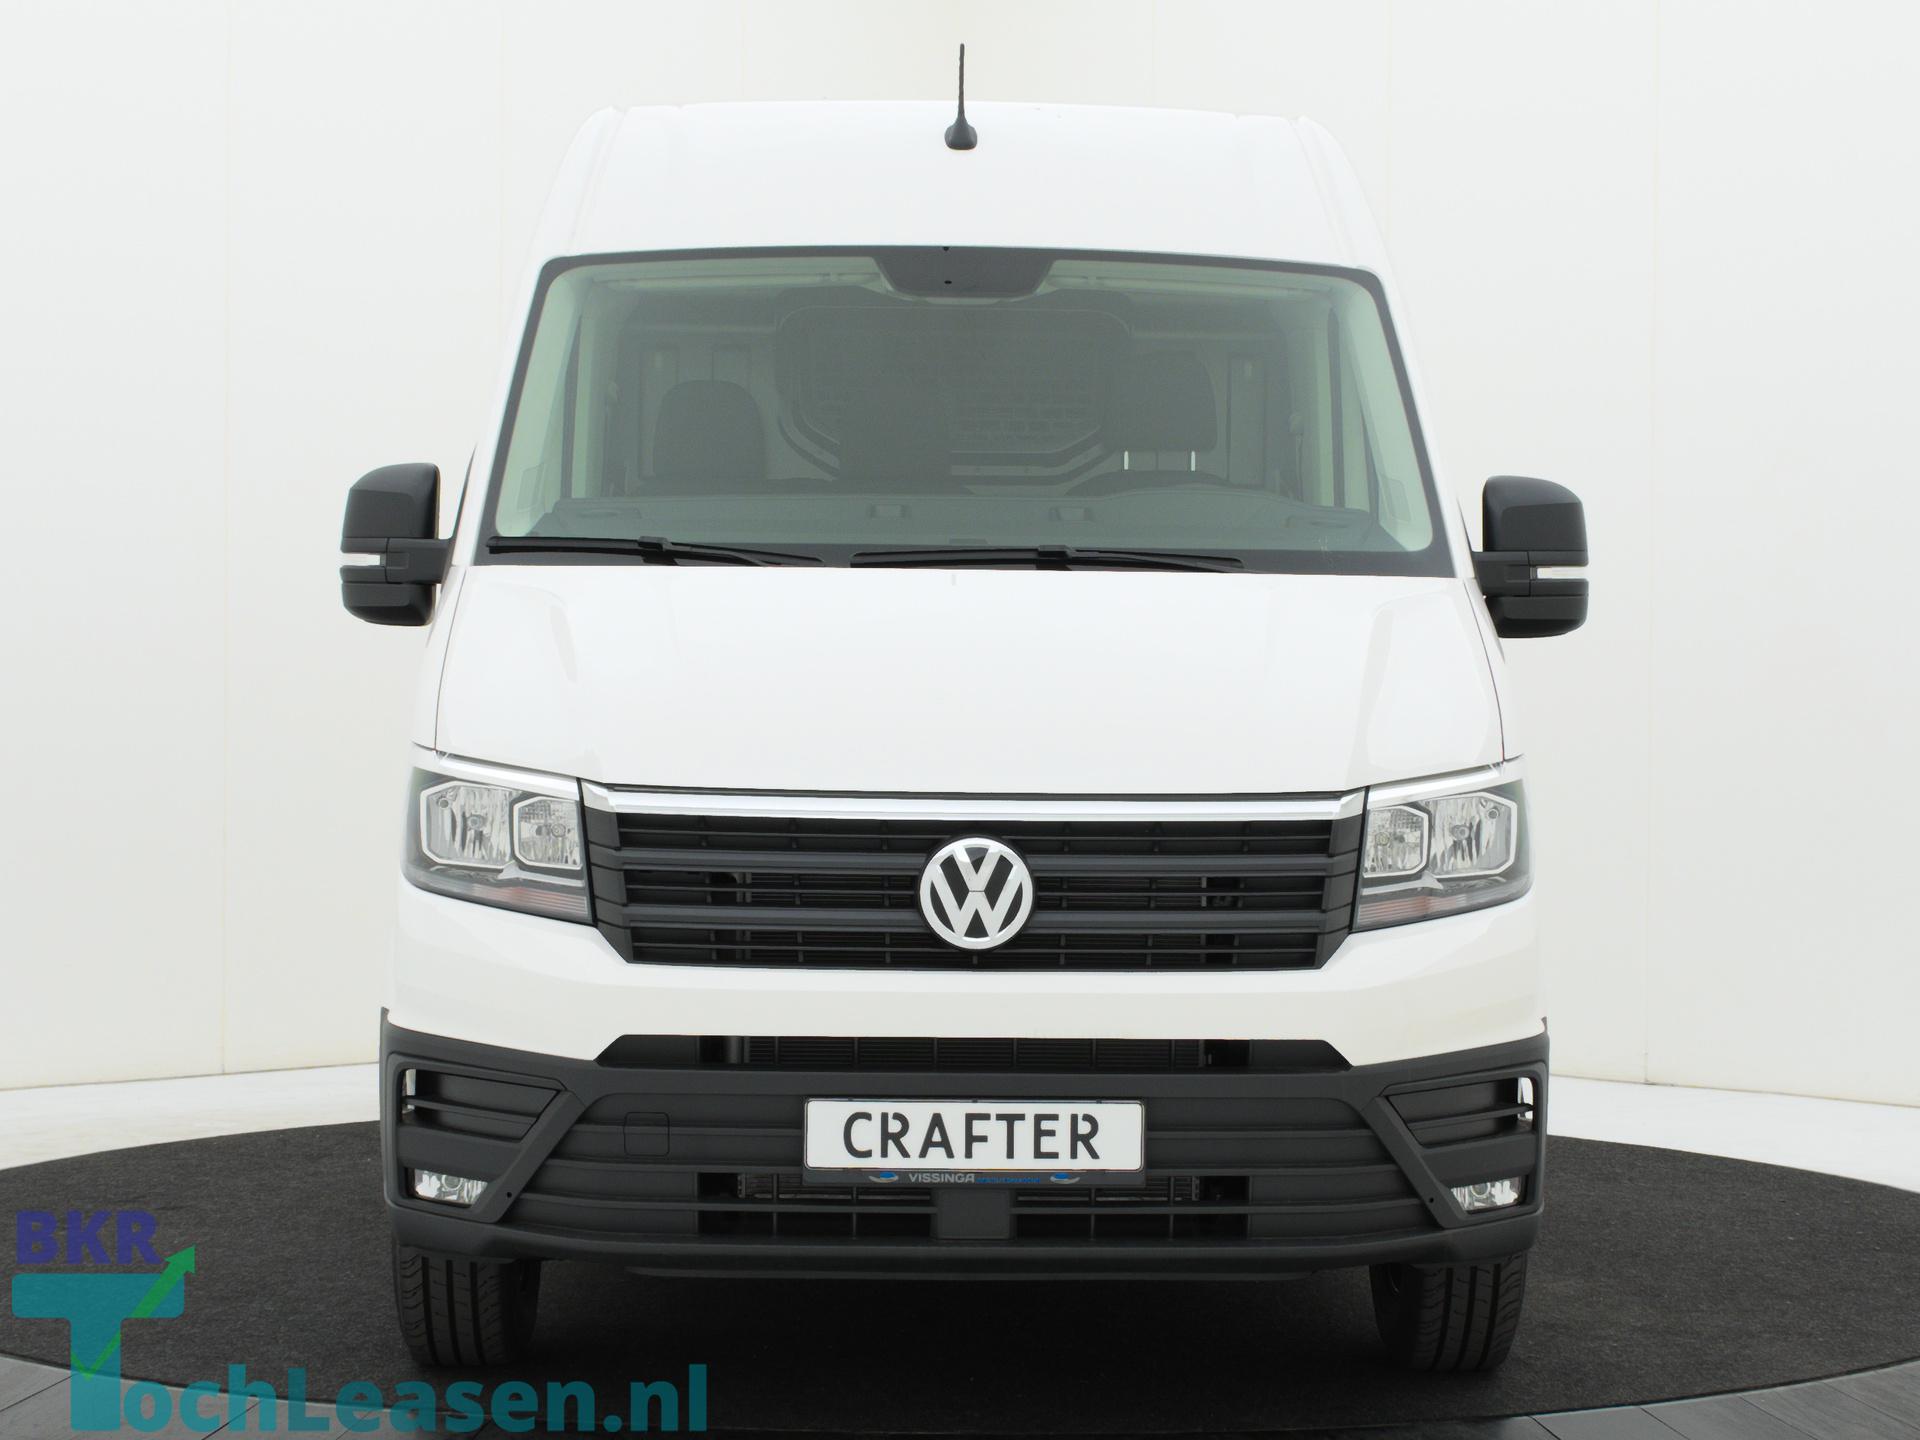 Volkswagen Crafter Bkrtochleasen.nl 10